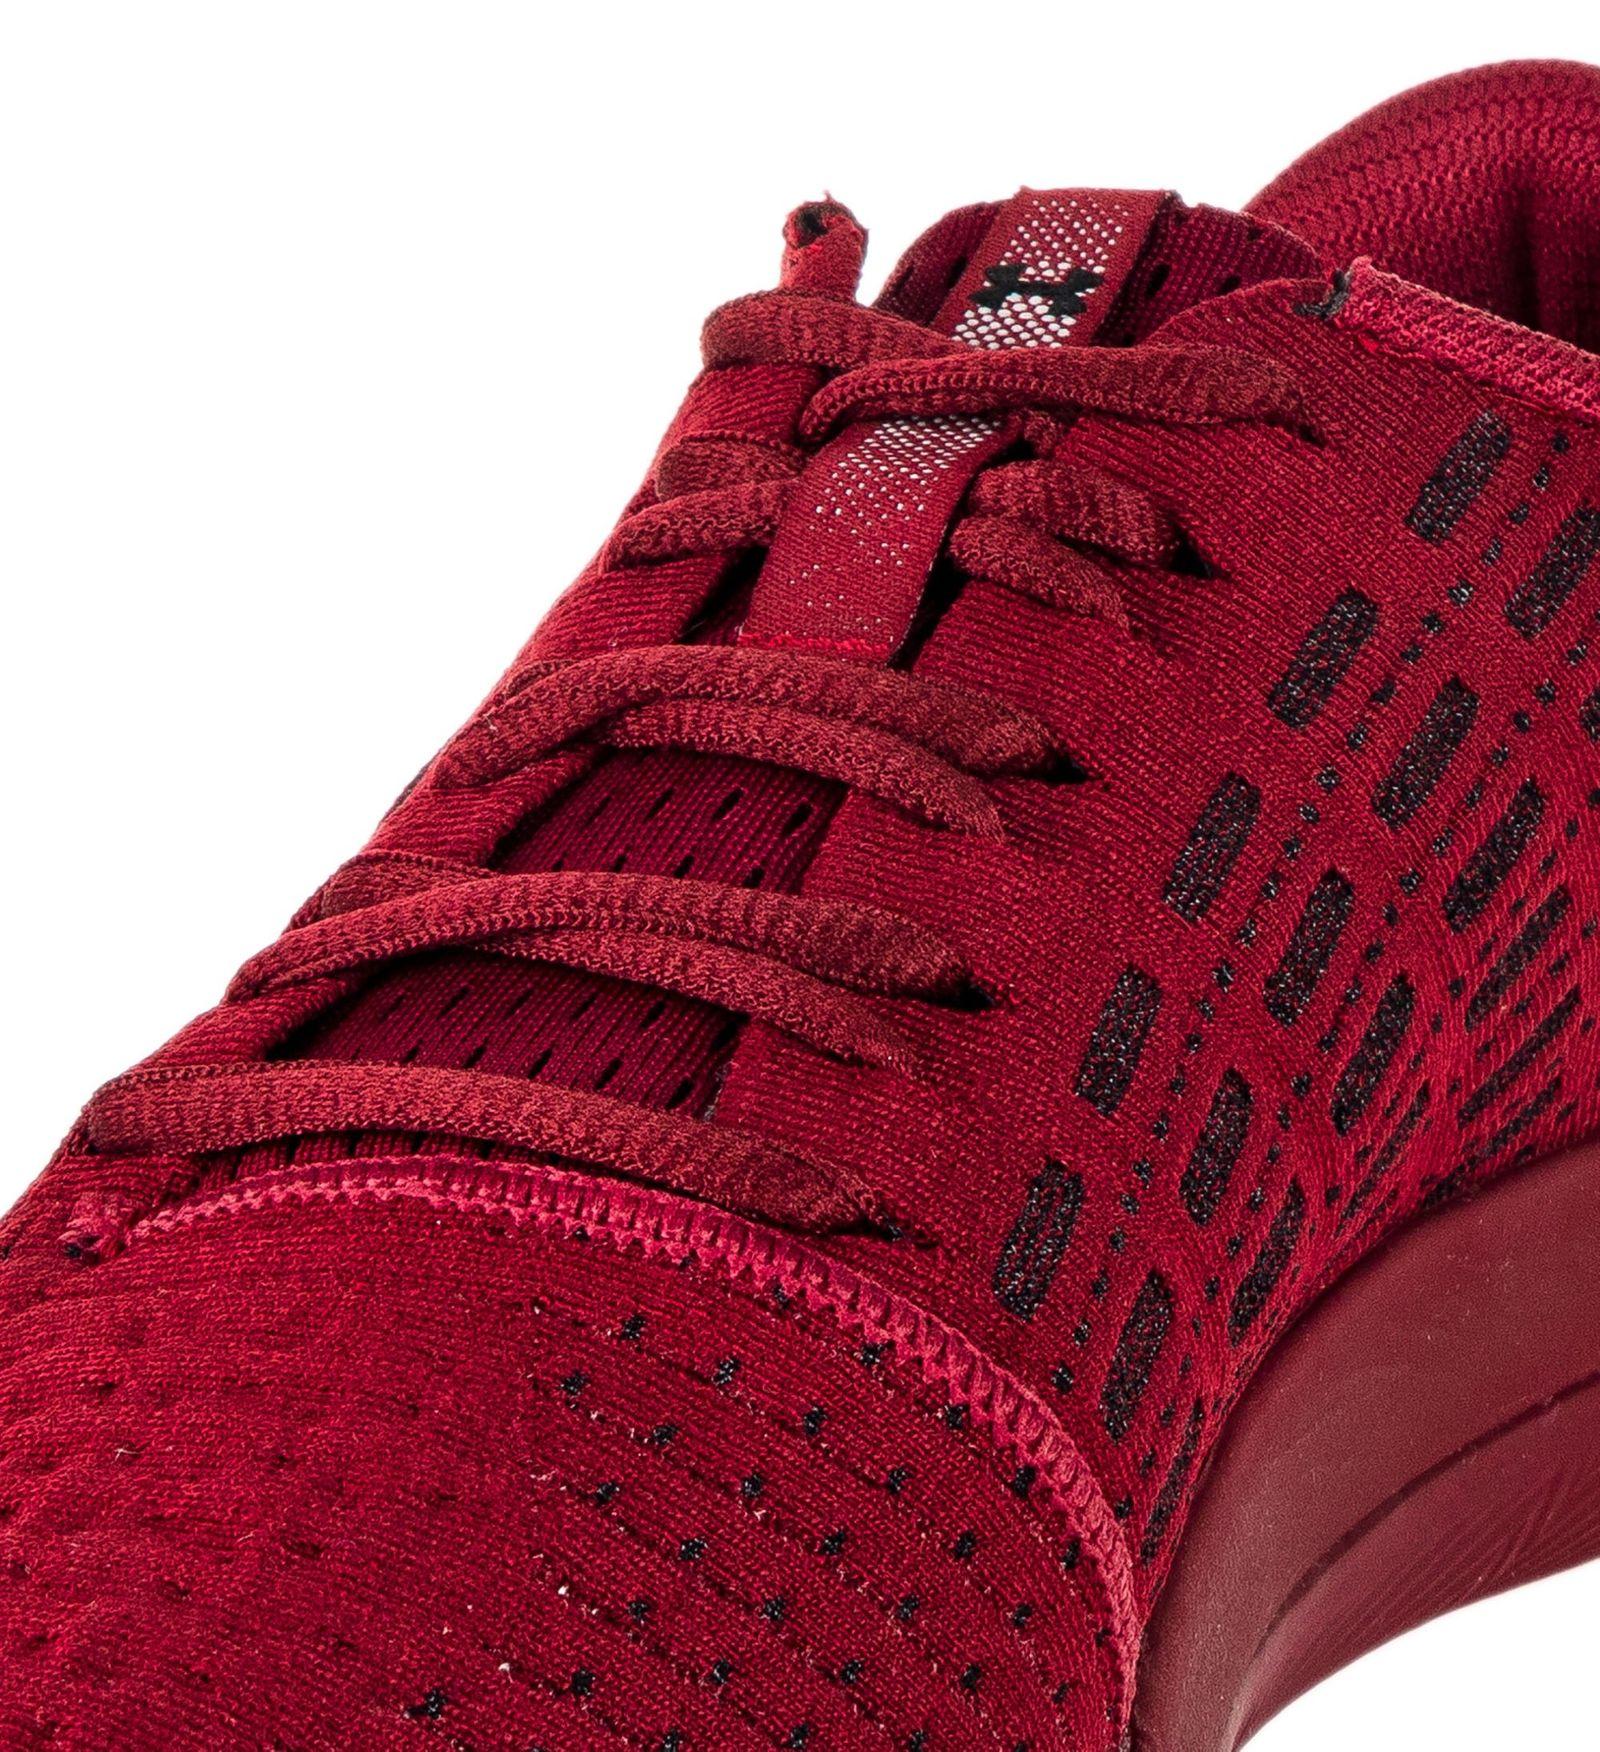 کفش دویدن بندی مردانه Threadborne Slingflex - آندر آرمور - زرشکی - 3